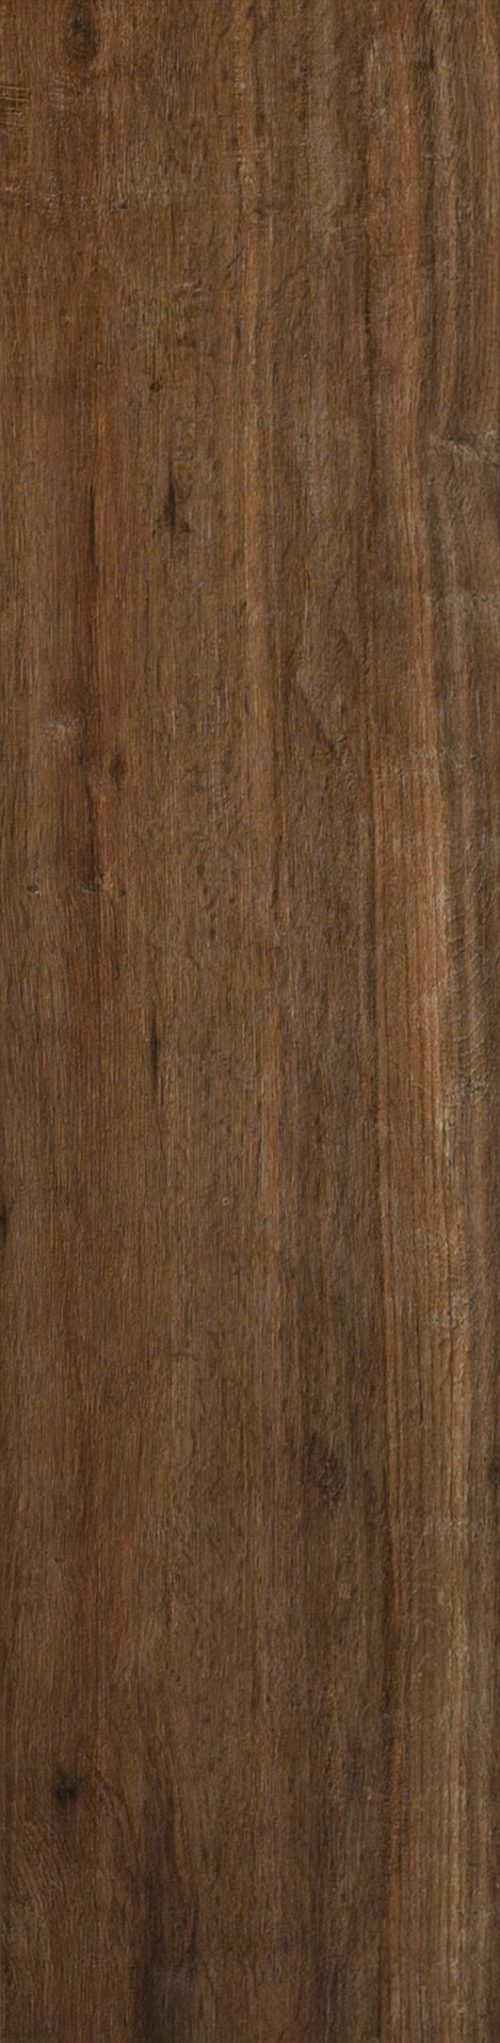 Керамогранит Italon «NL-Wood» Pepper (Новая Упаковка) натуральный (22.5Х90 см)